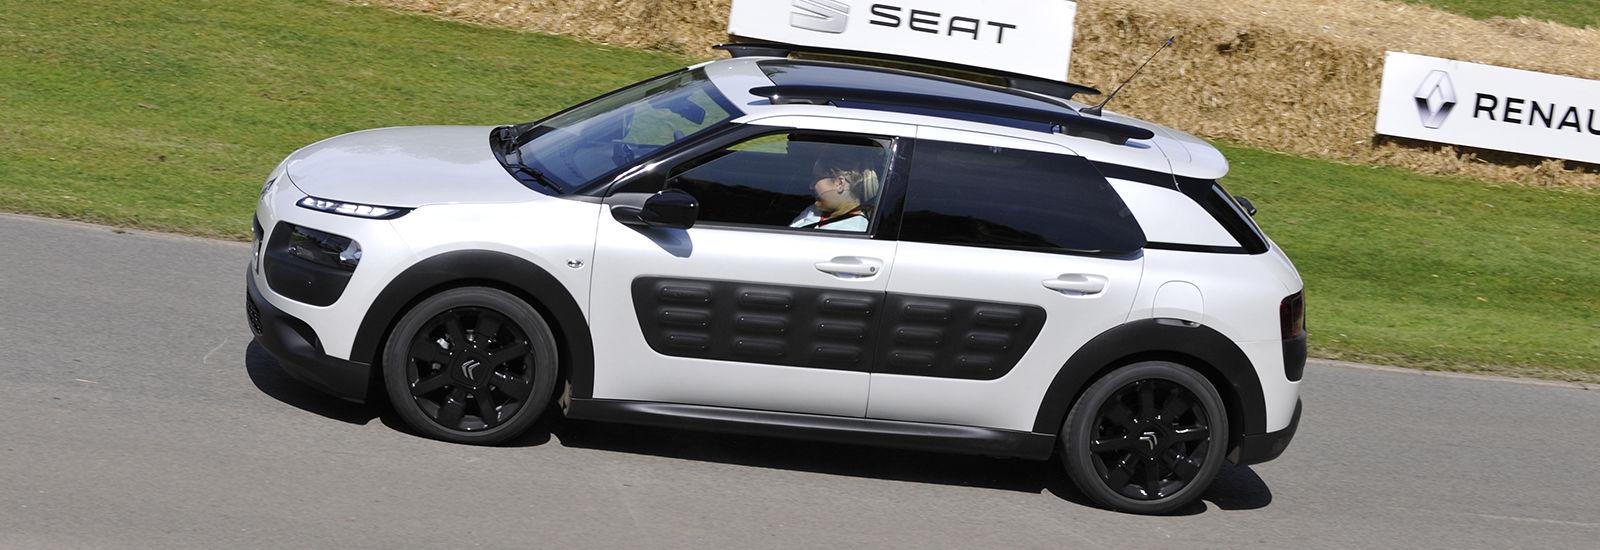 Audi q7 pcp offers 16